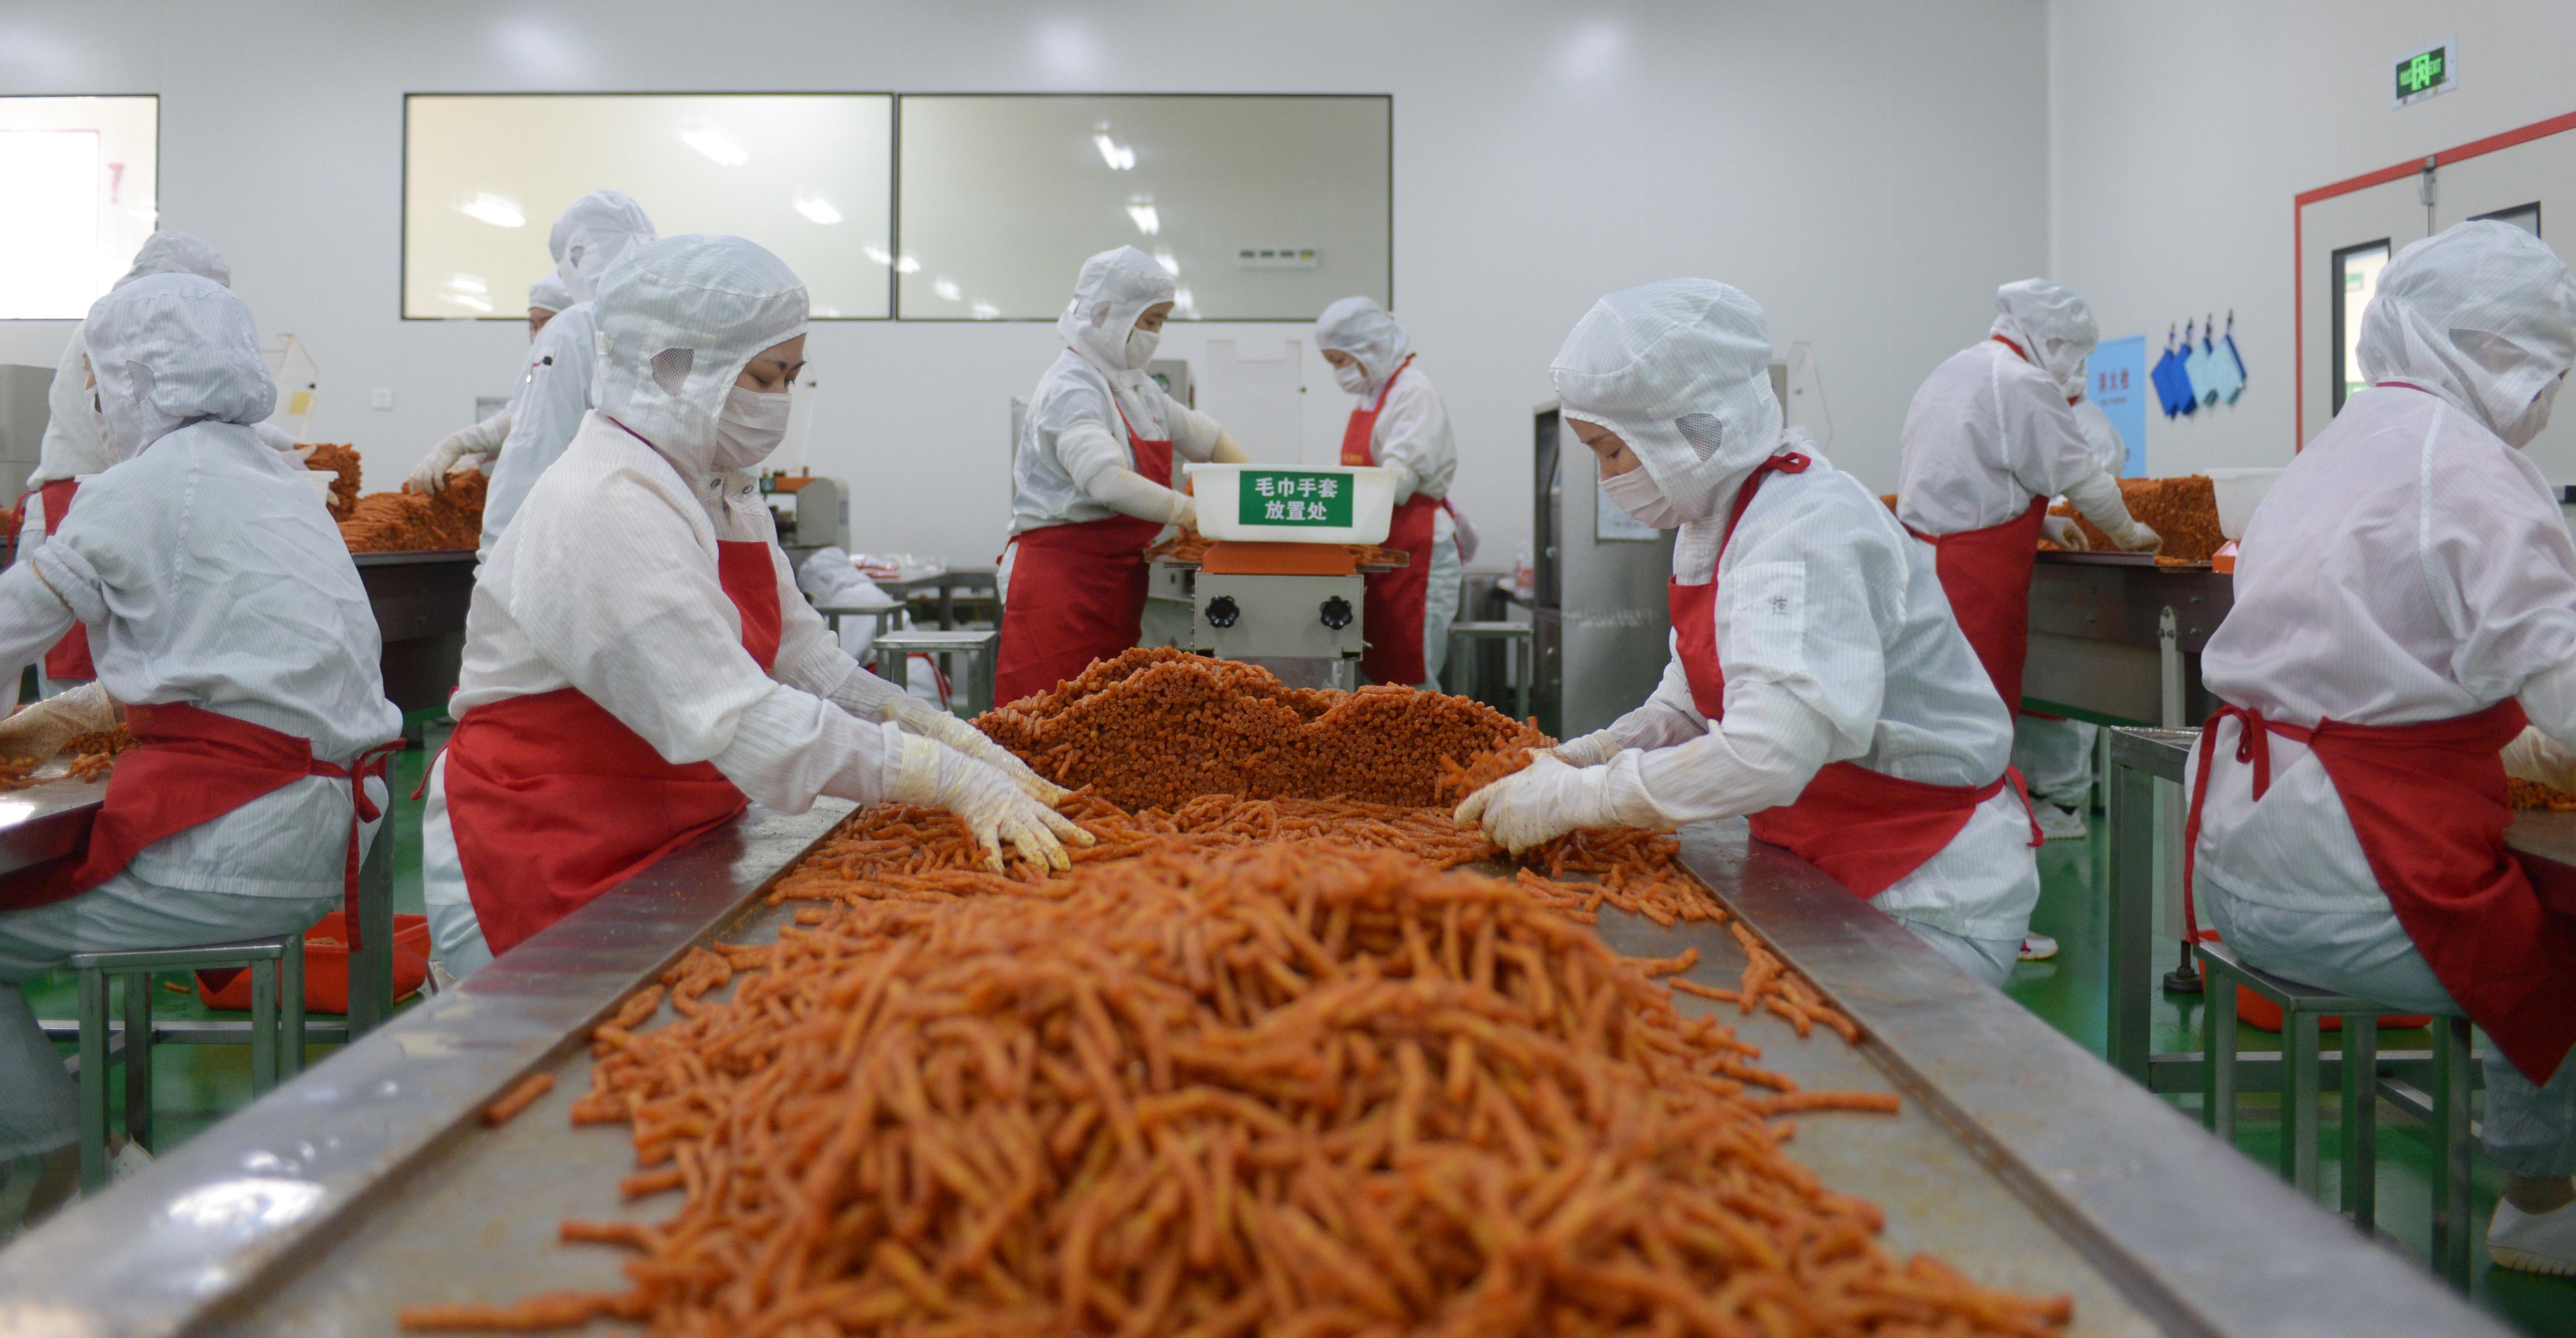 ピリ辛うまい! 中国で人気のおつまみ「辣条」 発祥は湖南省の平江県